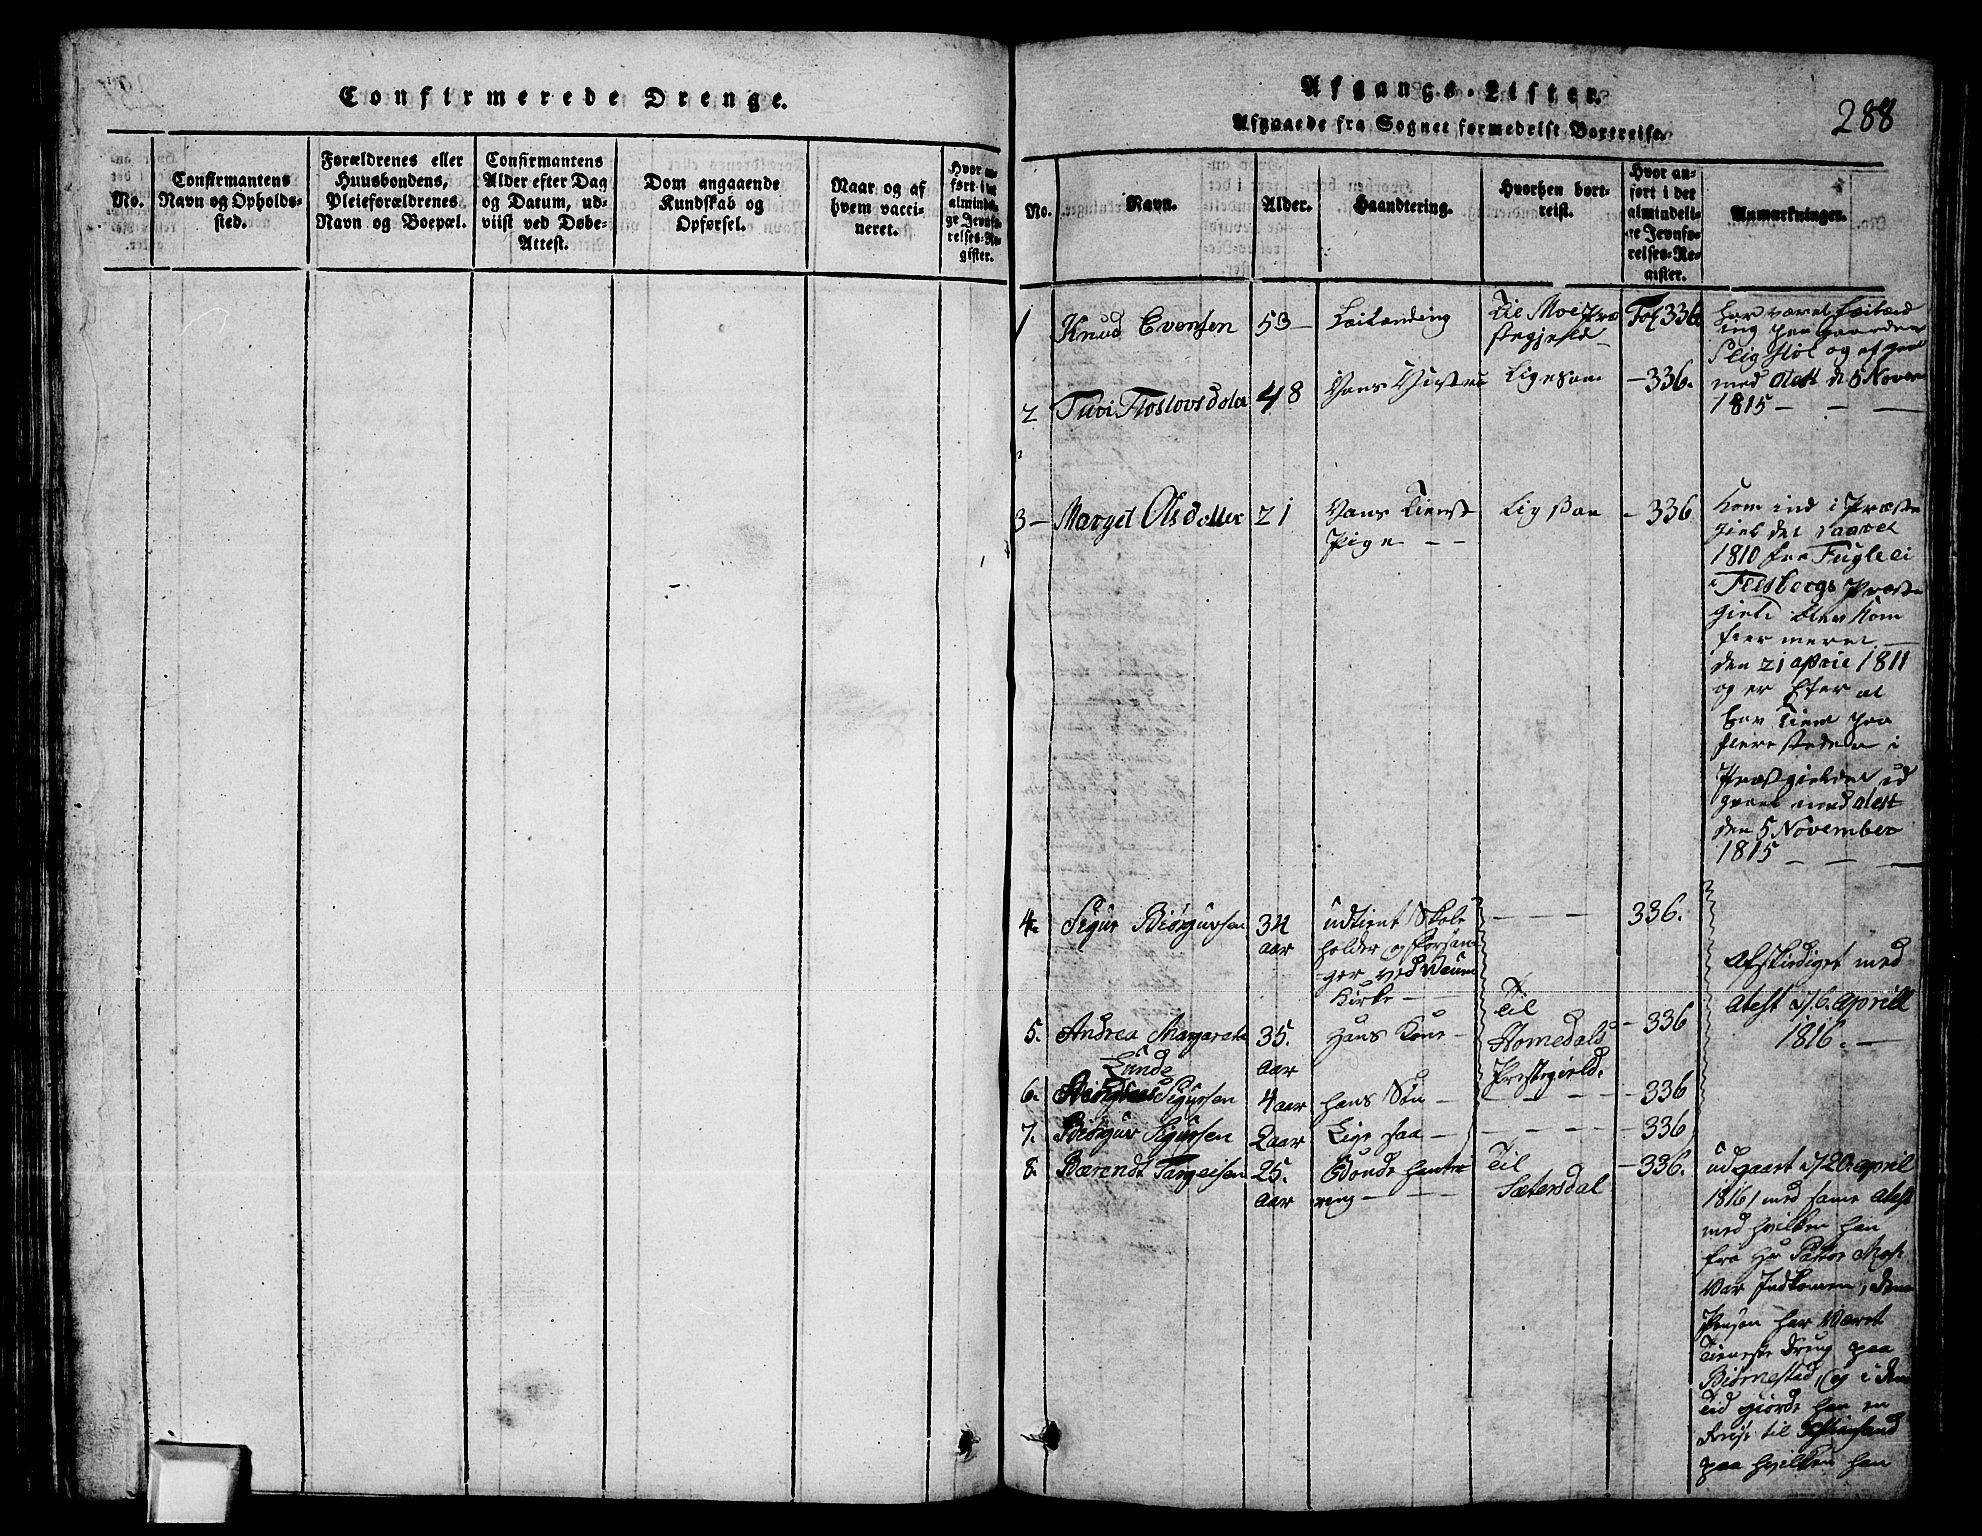 SAKO, Fyresdal kirkebøker, G/Ga/L0003: Klokkerbok nr. I 3, 1815-1863, s. 288